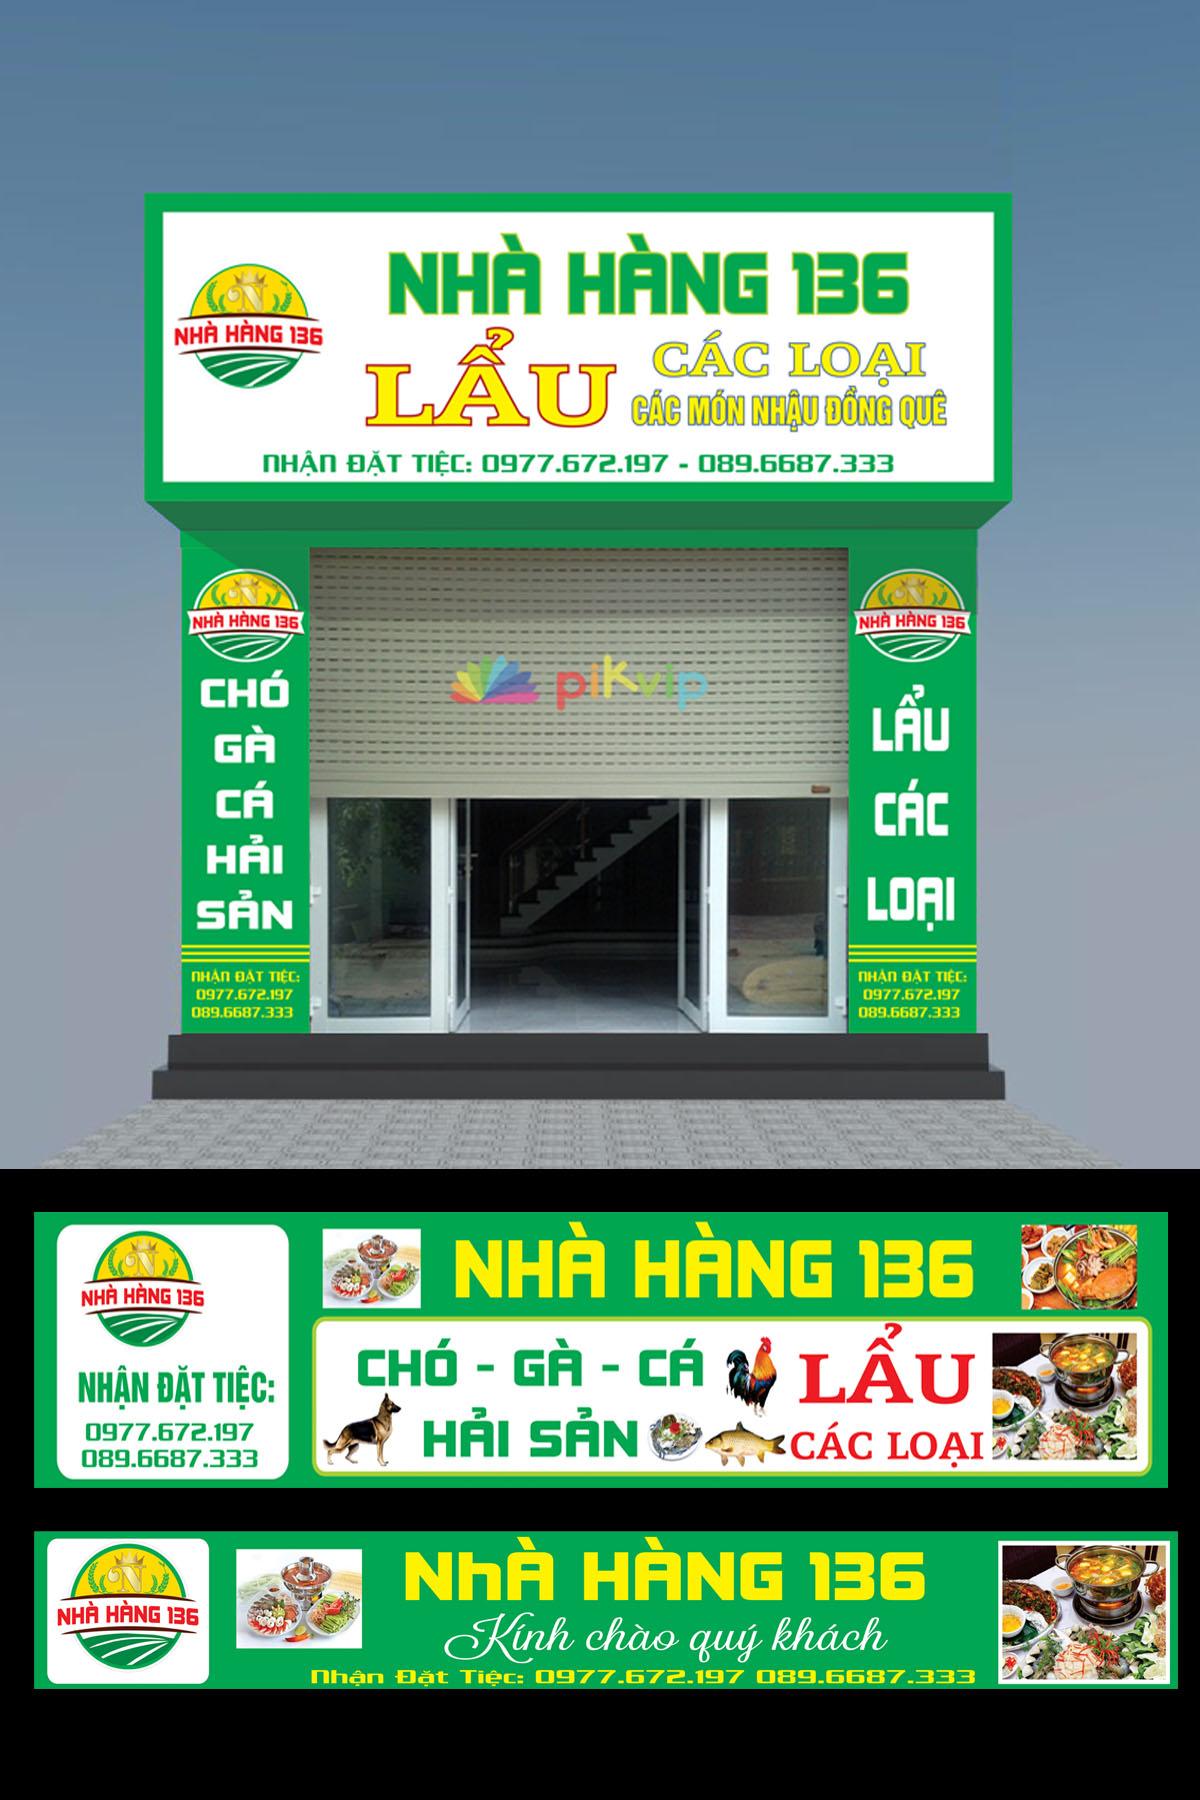 Mẫu market biển quảng cáo nhà hàng 136